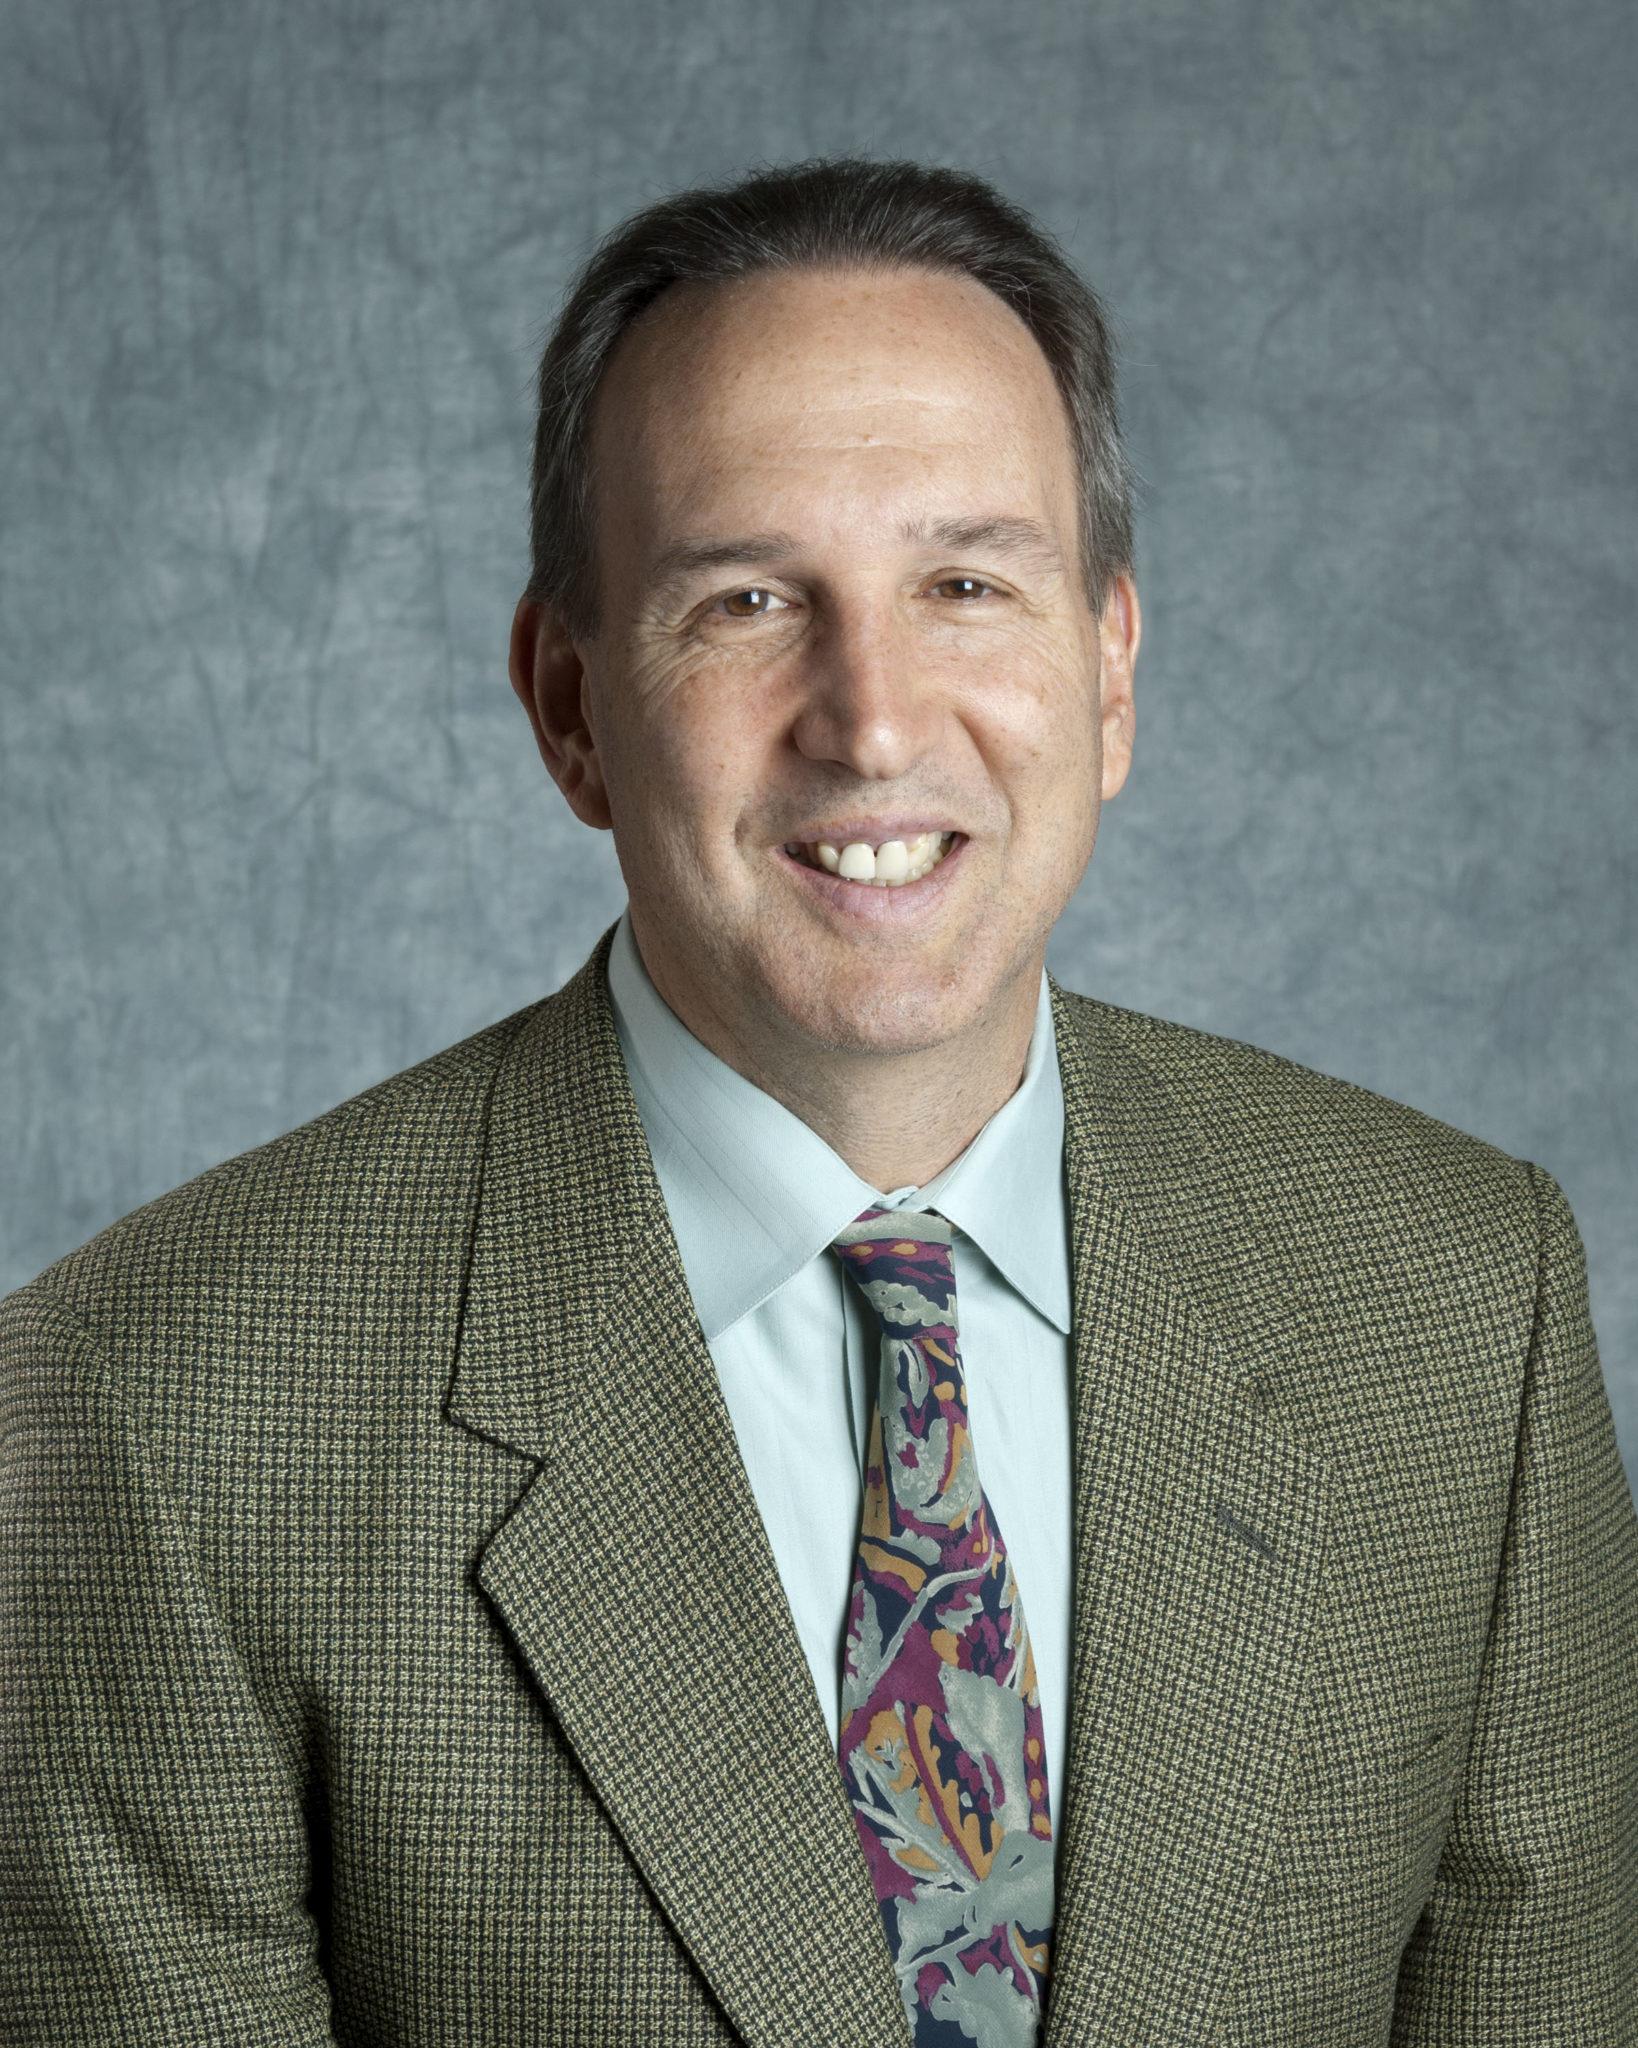 Mitchell Marenus